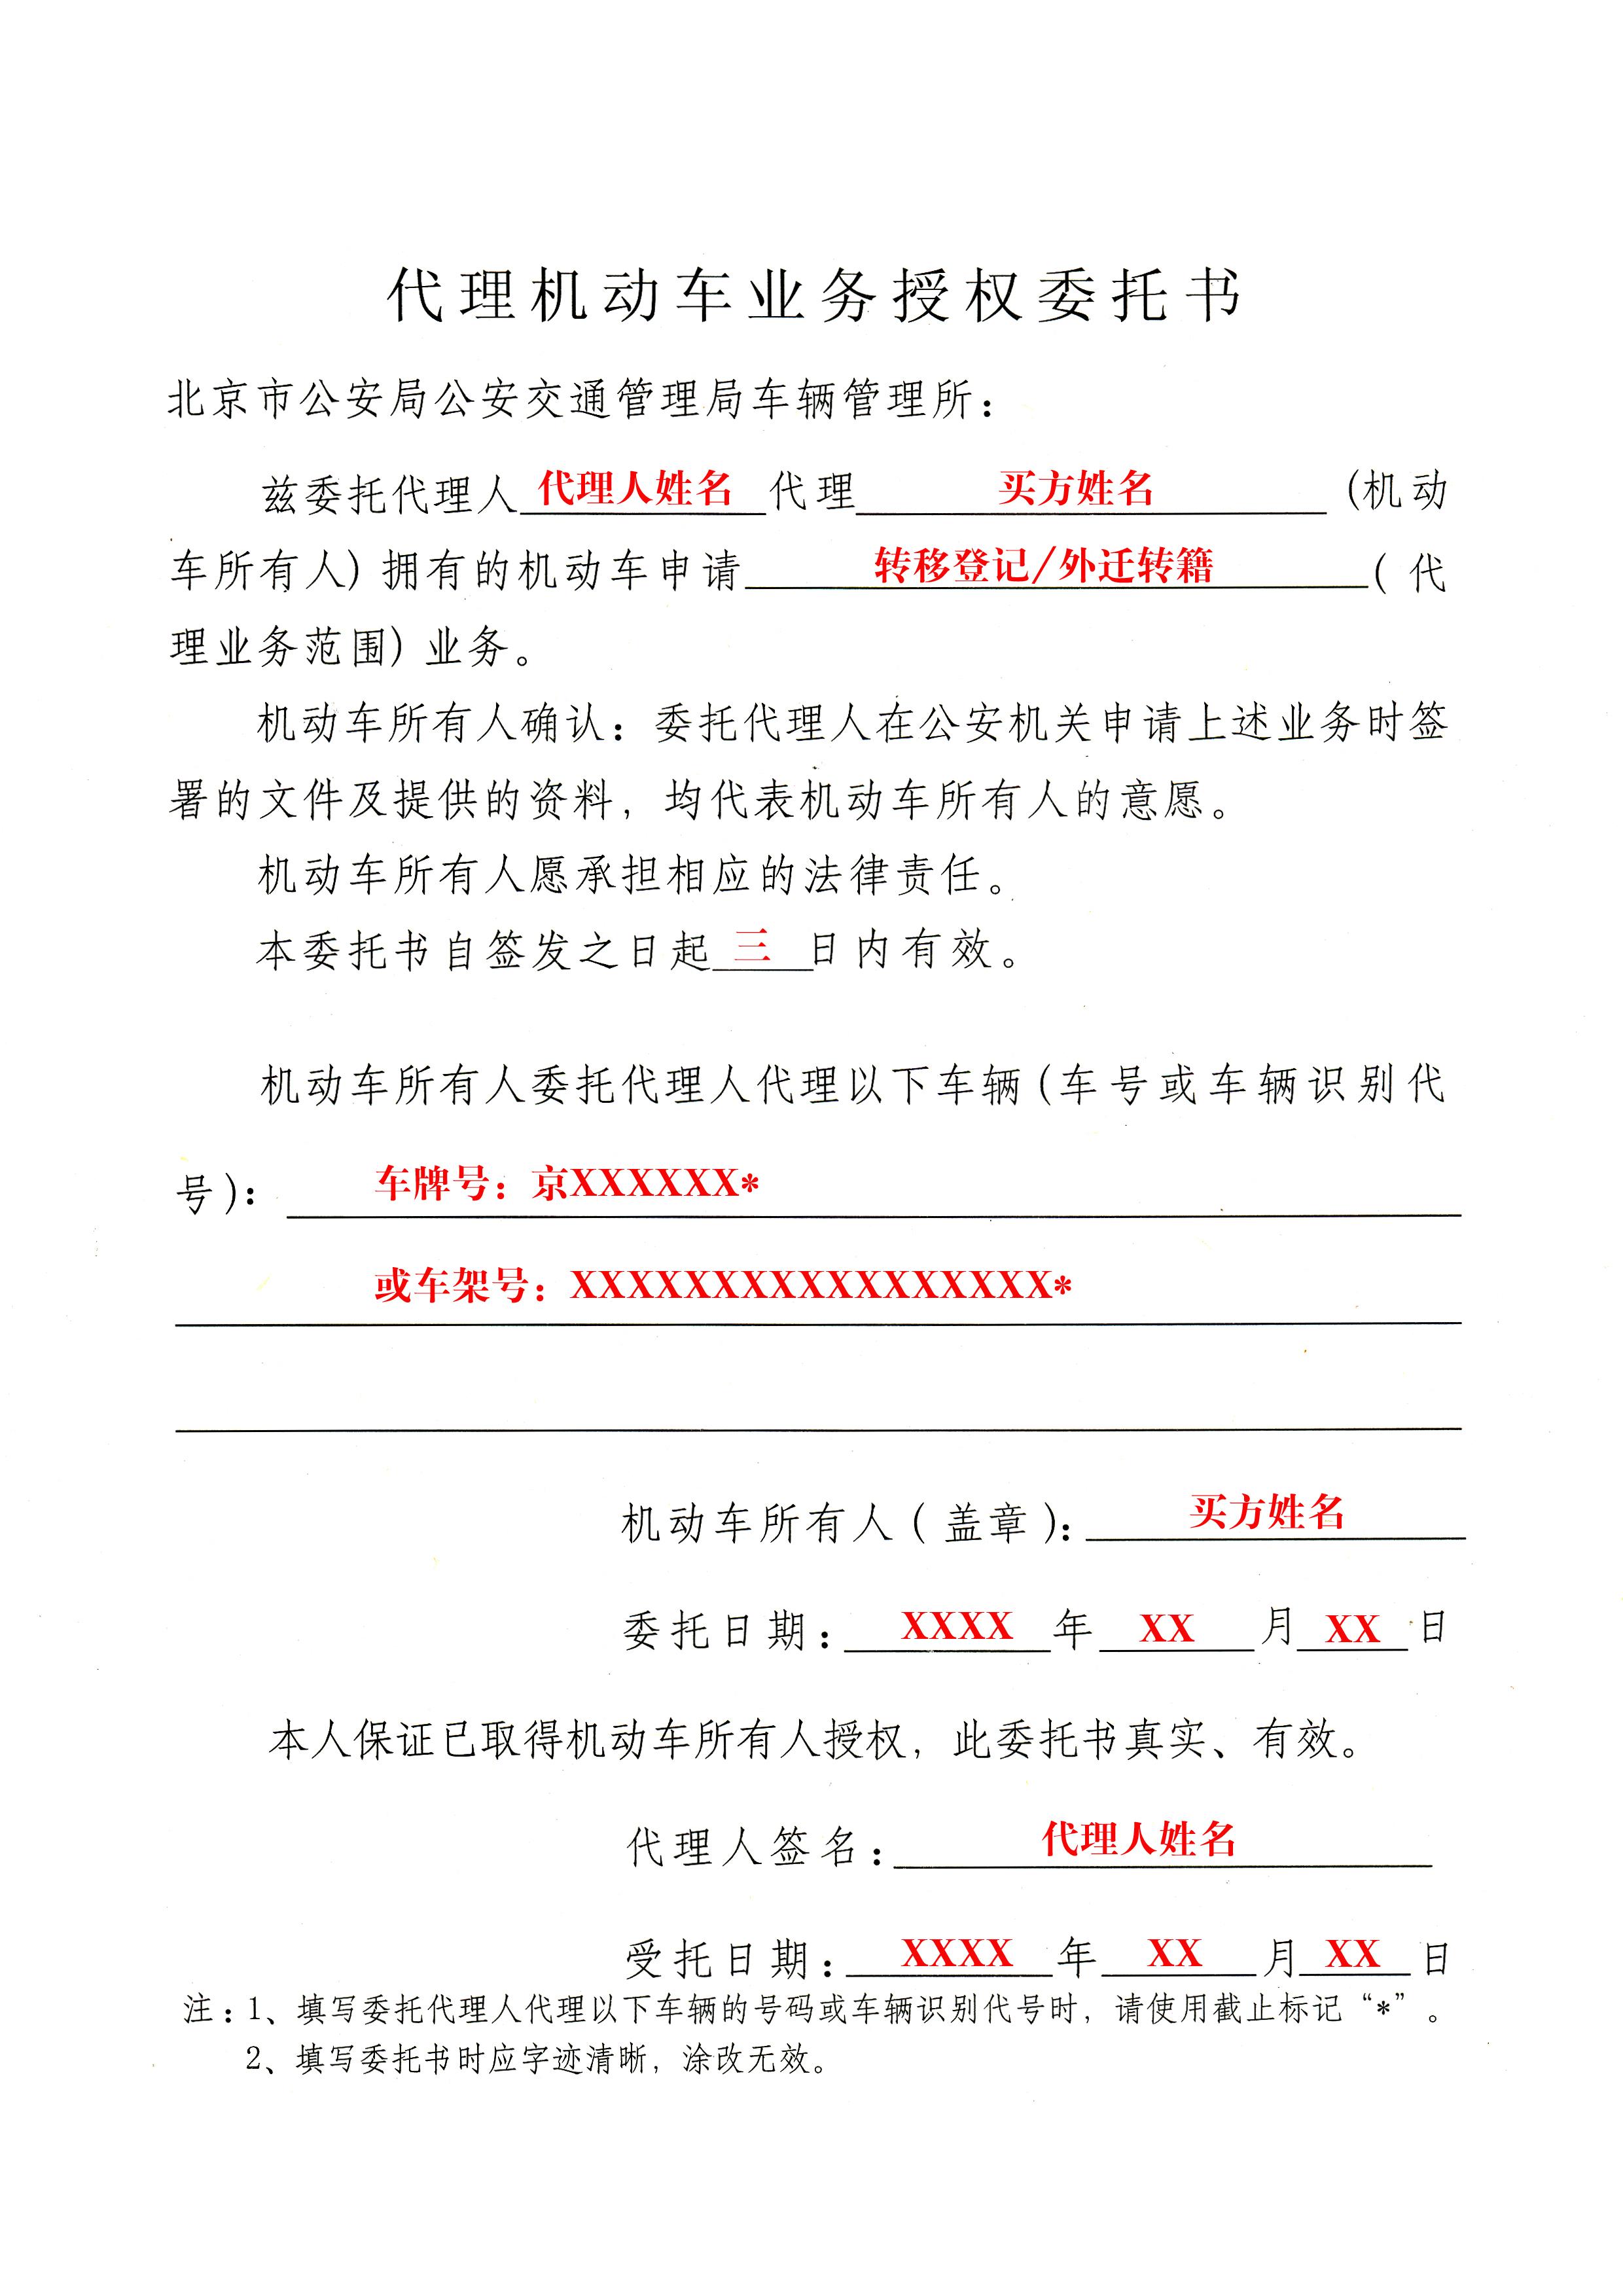 个人授权委托书_样本下载; 业务委托书填写样本; 授权书委托书